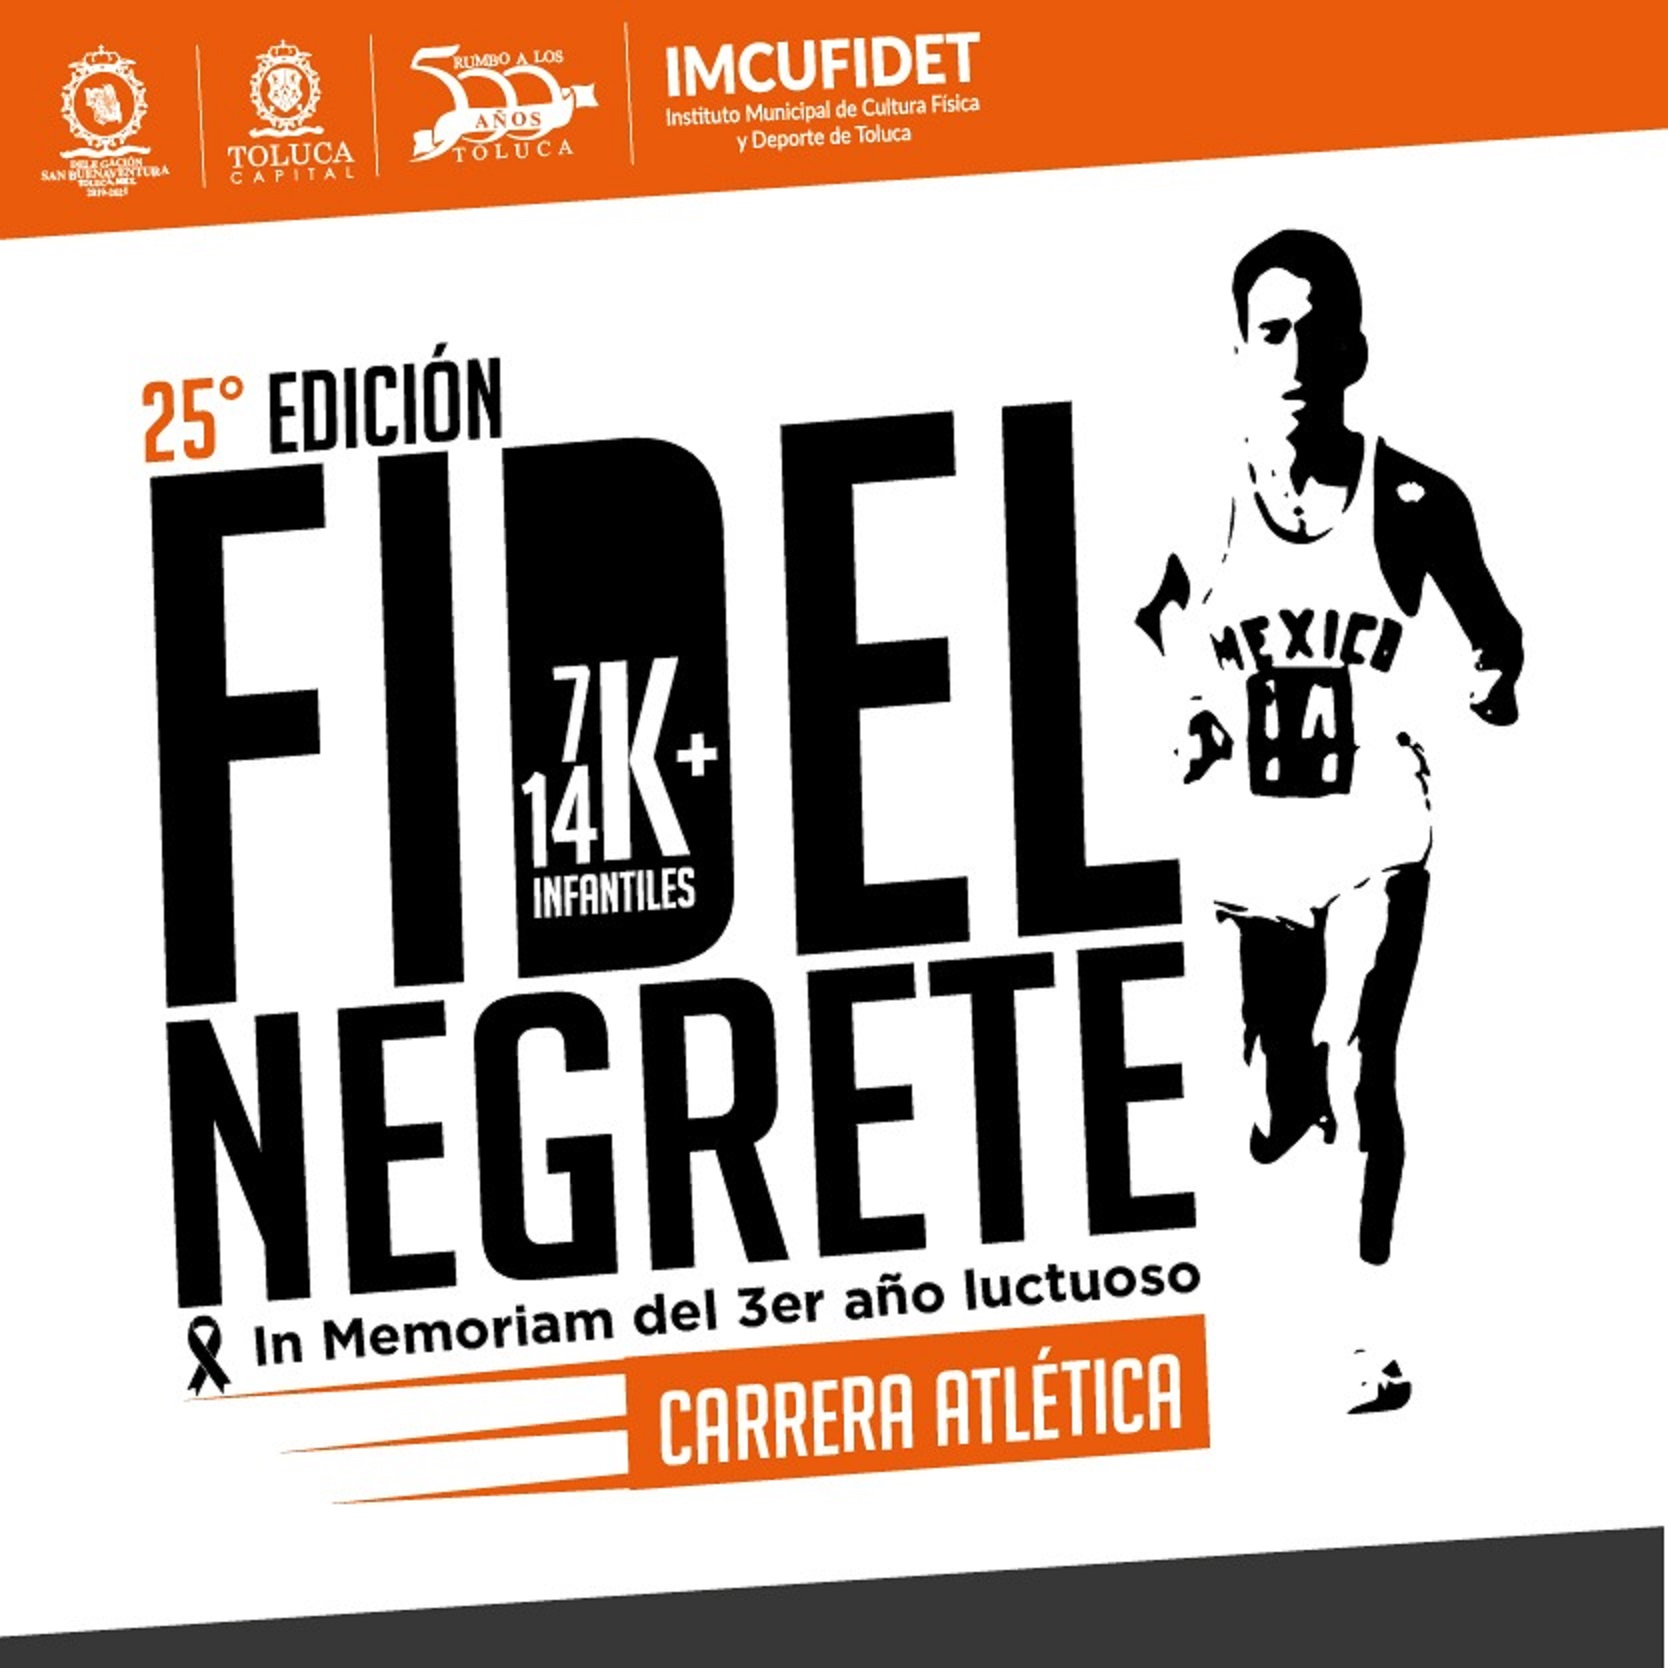 25a Carrera Atlética Fidel Negrete 14k y 7k 2019